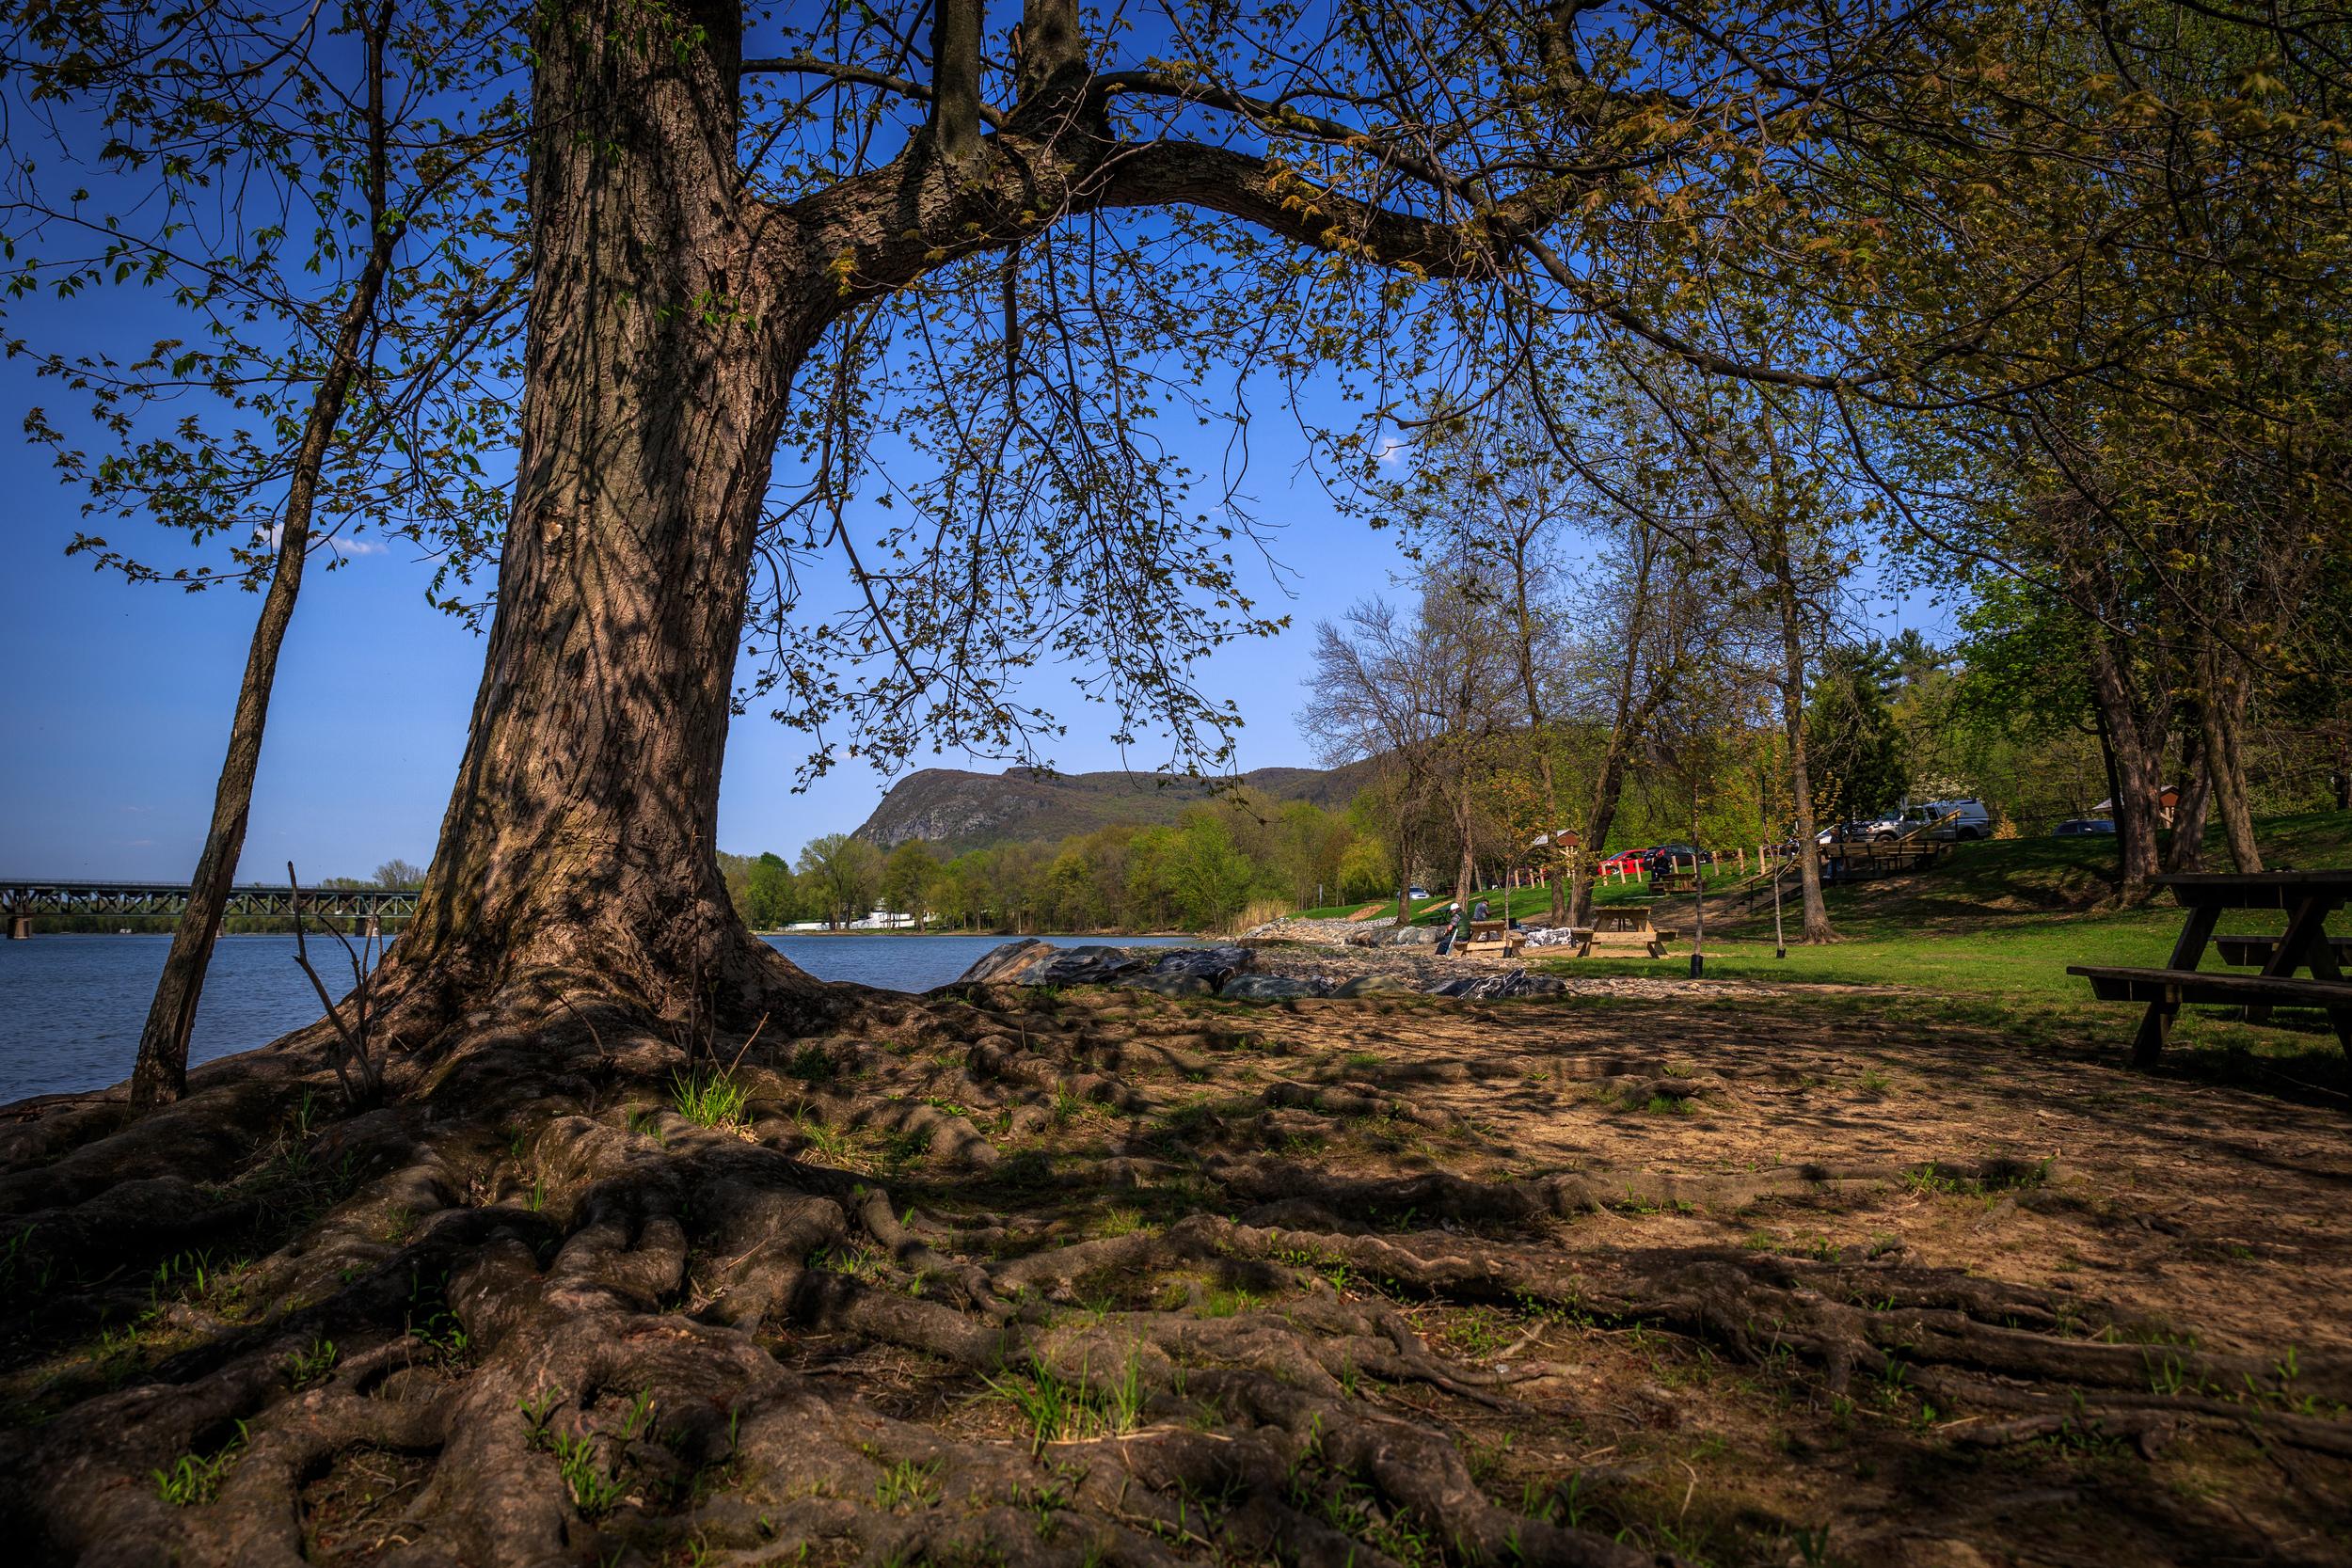 Cette photo se veut un mélange des deux précédentes. Elle permet, d'une part, de visualiser le réseau de racines dans son ensemble, d'autre part, de replacer l'arbre dans son contexte en nous montrant les berges de la rivière #Richelieu, le pont des trains qui la traverse et le #MontSaintHilaire à l'horizon. On peut également remarquer la présence de quelques pêcheurs qui profite tranquillement du soleil en taquinant le poisson.